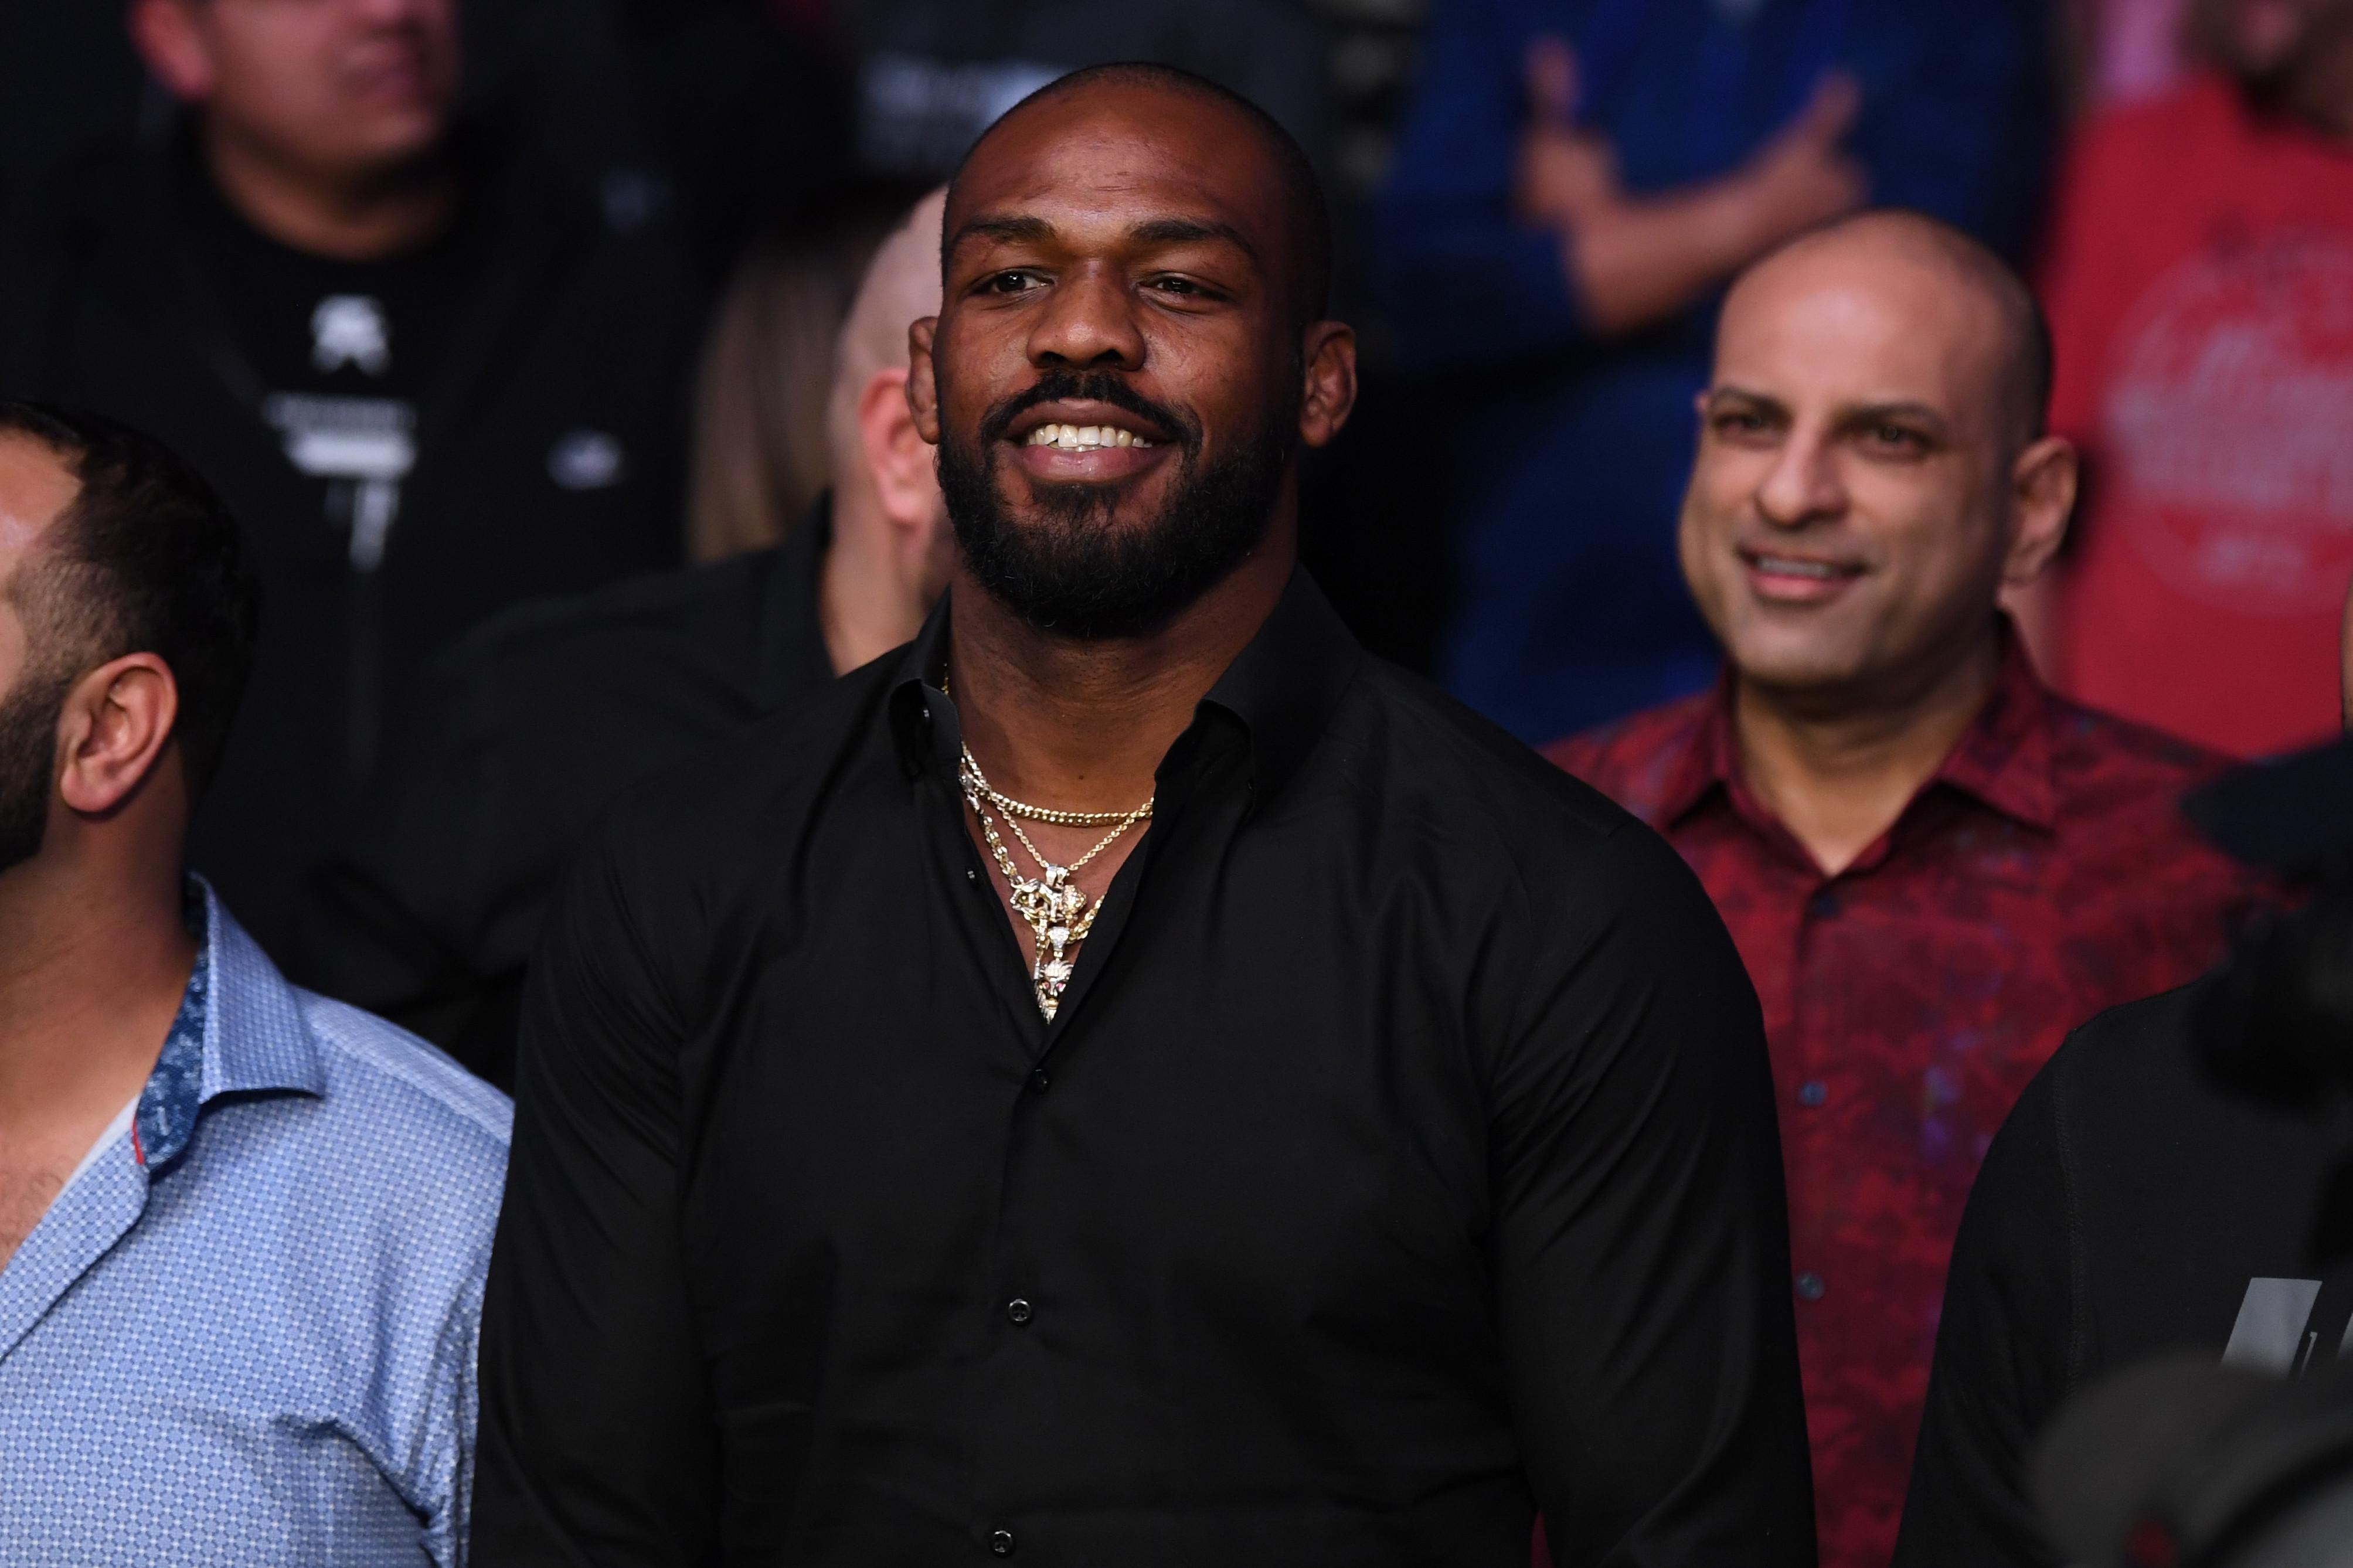 Jon Jones Talks Timeline of Next UFC Fight After Hiring Agent Richard Schaefer - Bleacher Report